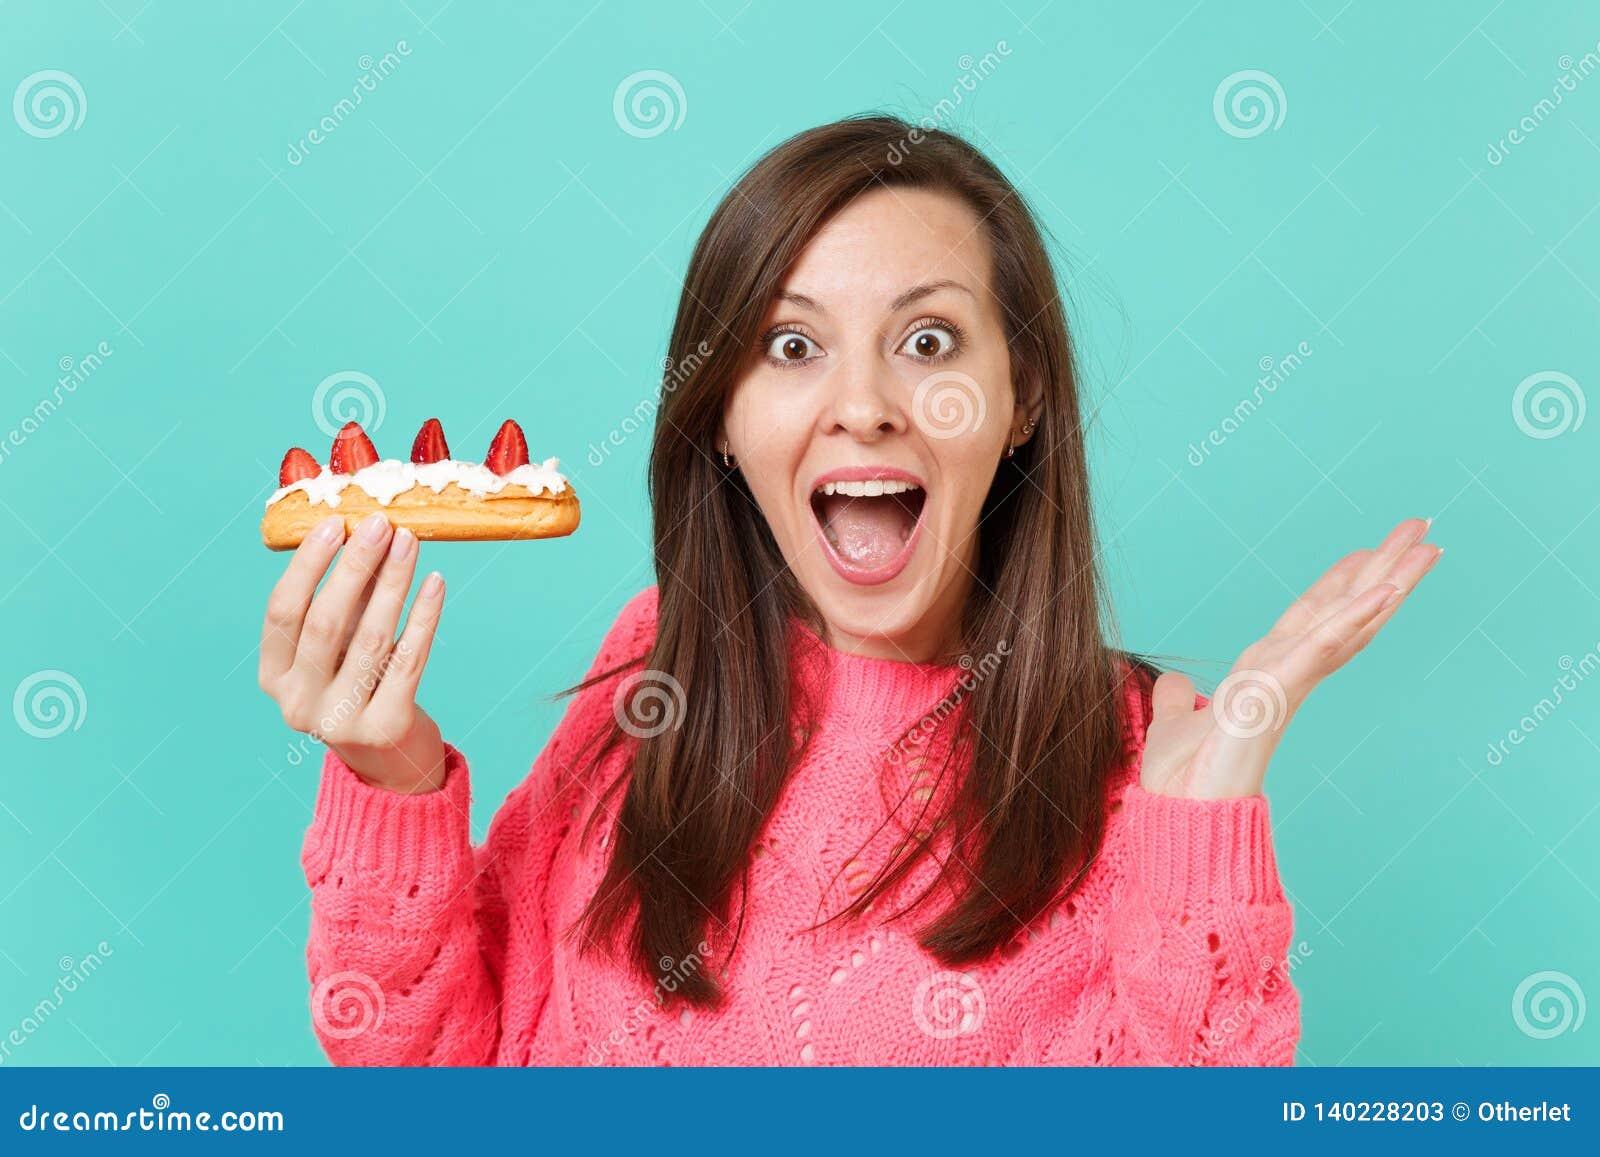 Το συγκινημένο νέο κορίτσι στο πλεκτό ρόδινο πουλόβερ που κρατά το στοματικό ευρύ ανοικτό κοίταγμα εξέπληξε το διαθέσιμο κέικ ECL